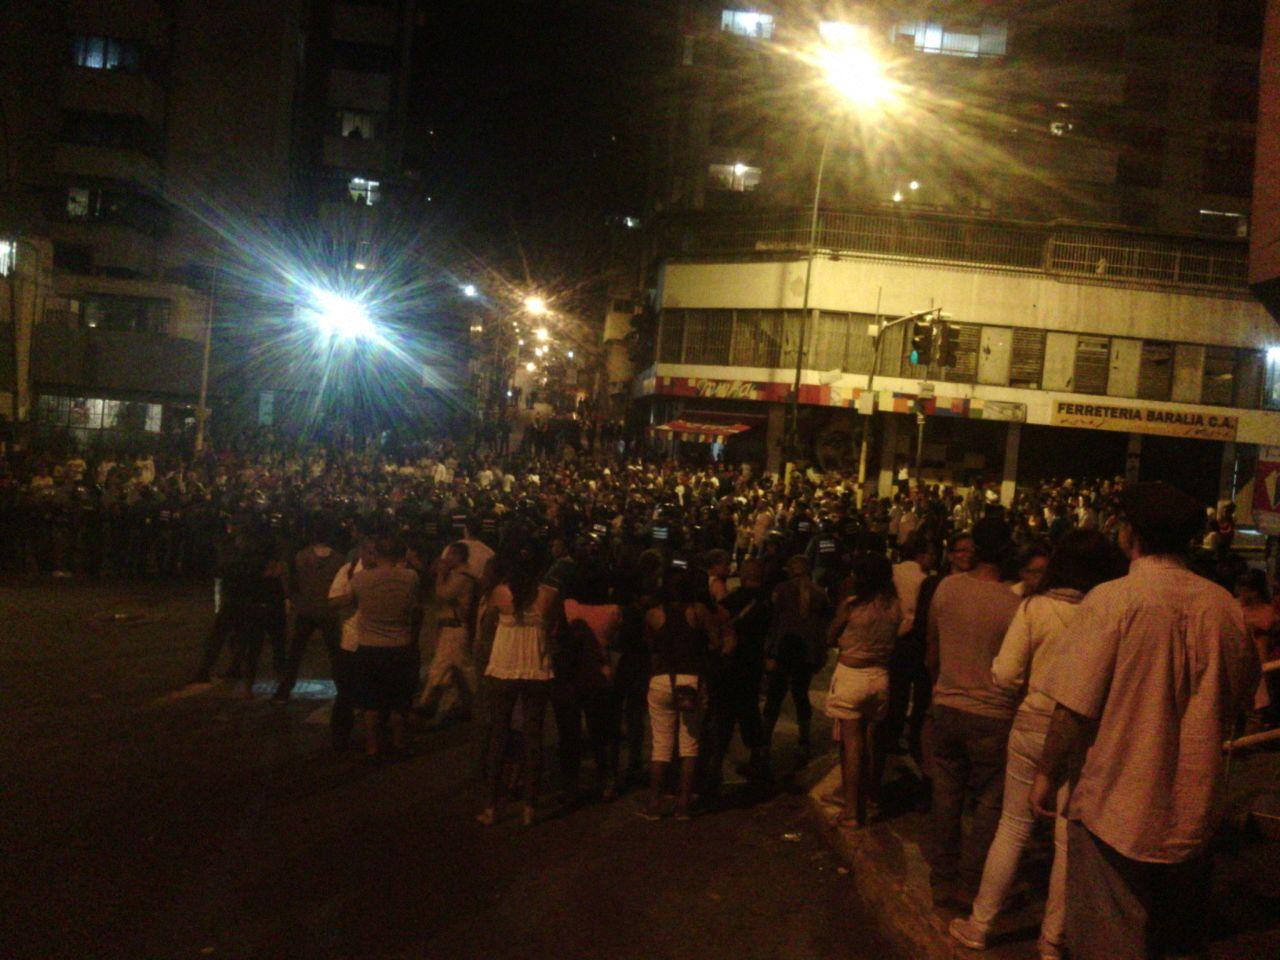 Protestaron en la Avenida Baralt por expropiación de panadería